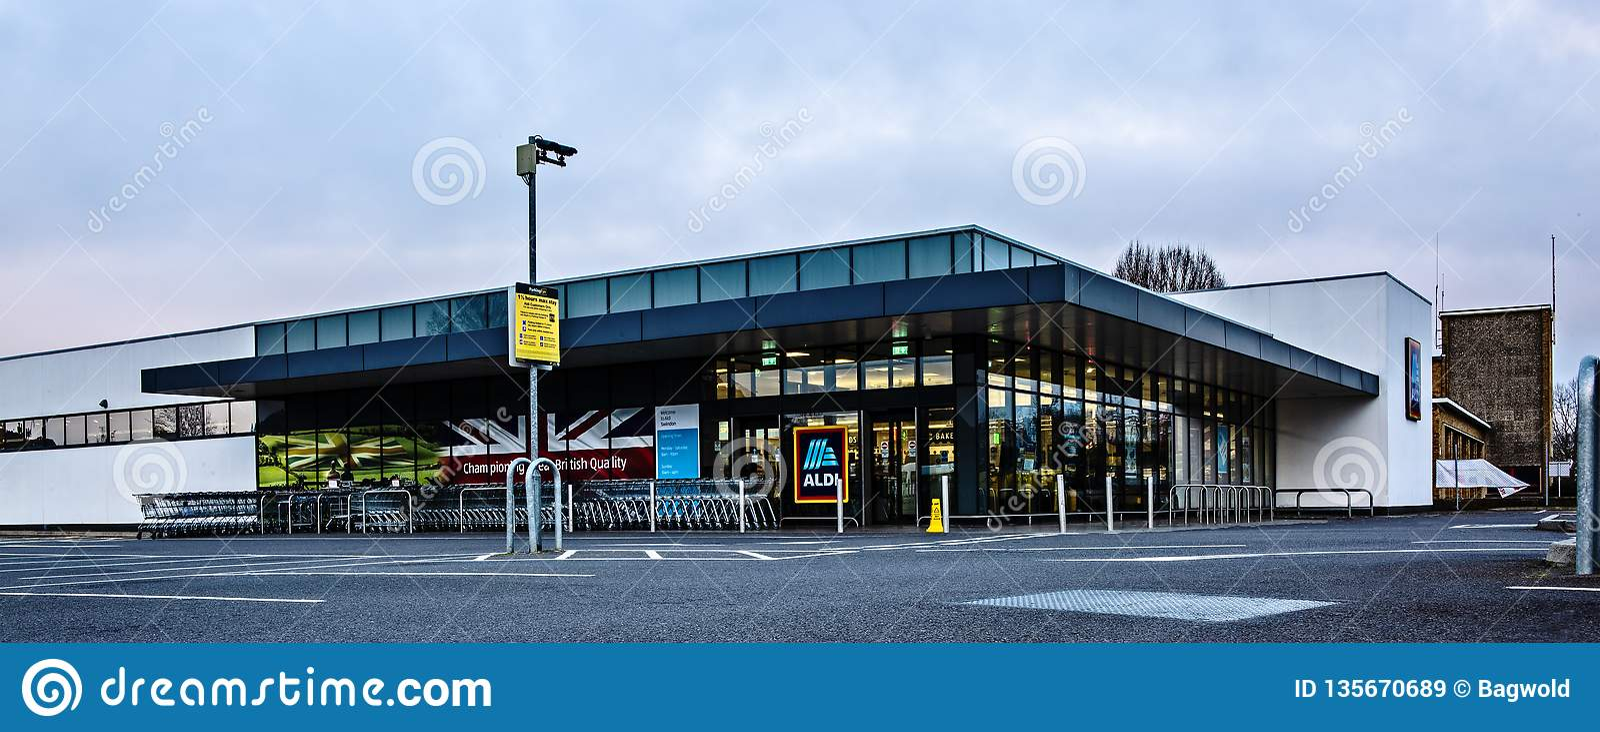 ALDI Supermarket, Drove Rd, Swindon SN1 3AD